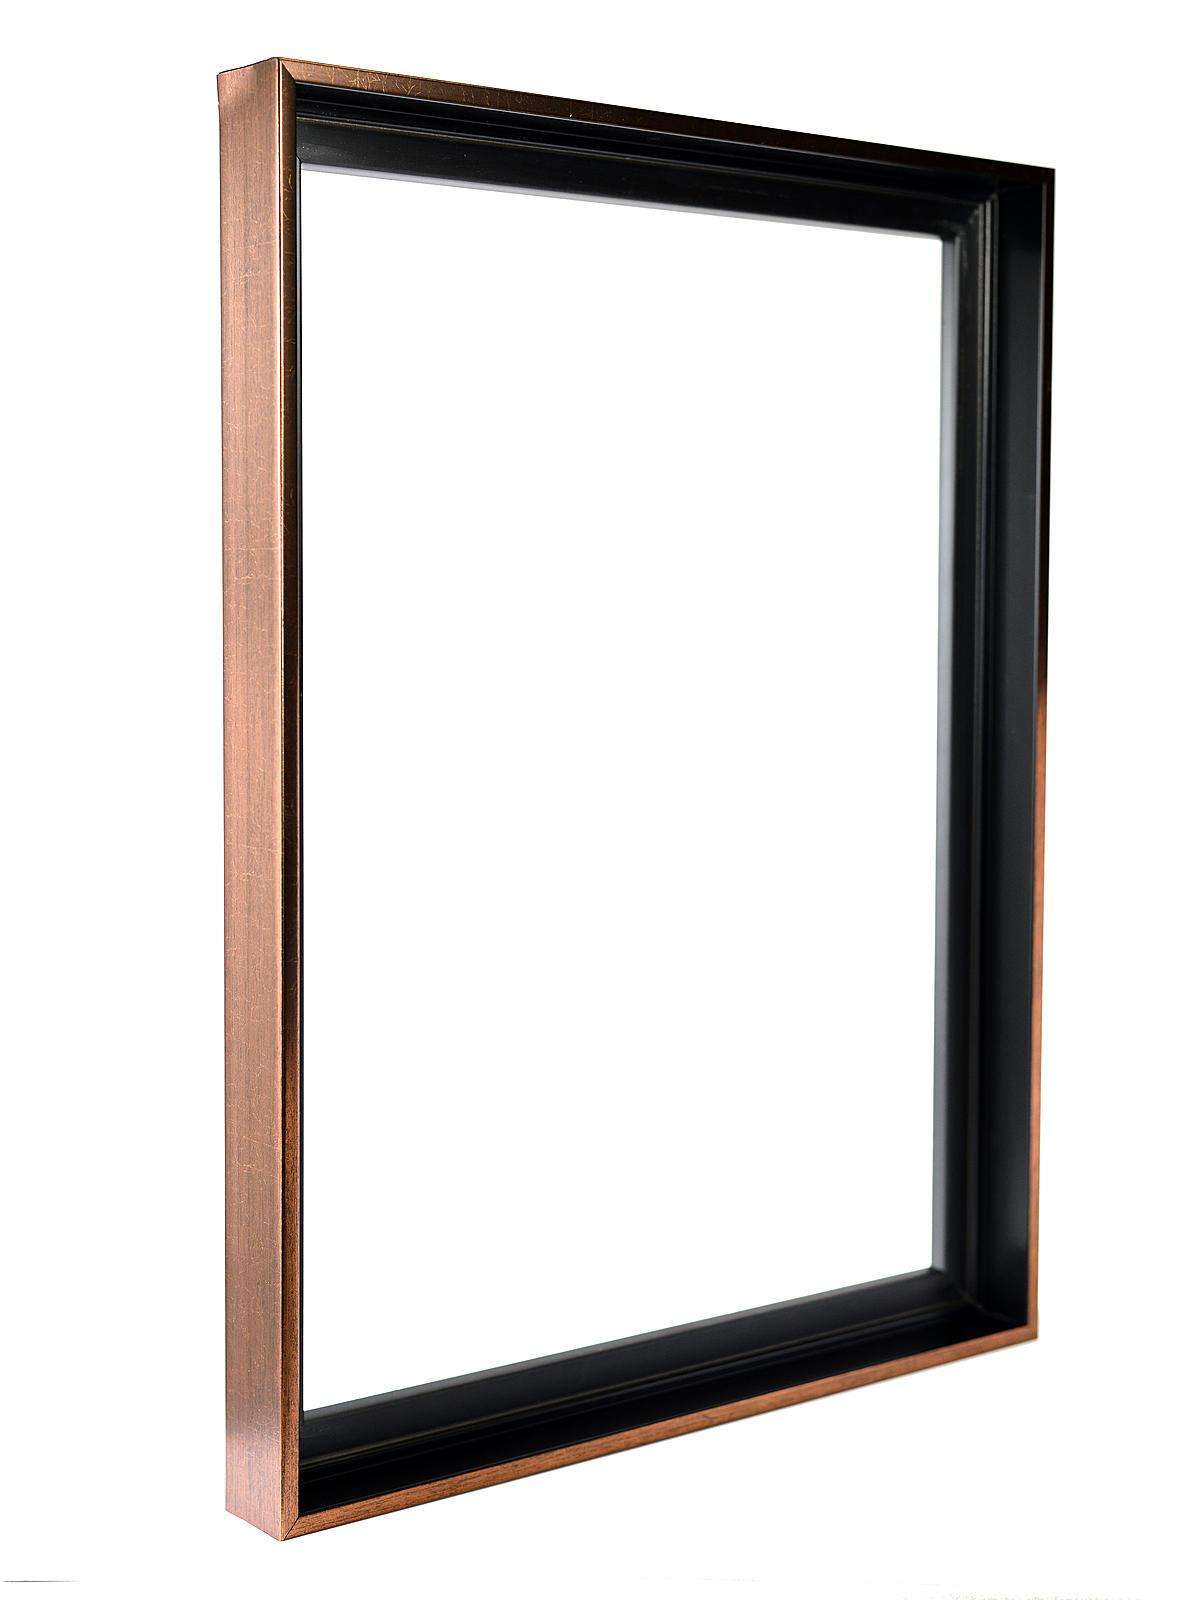 Gemline Frame Stretched Canvas Floater Frames   MisterArt.com